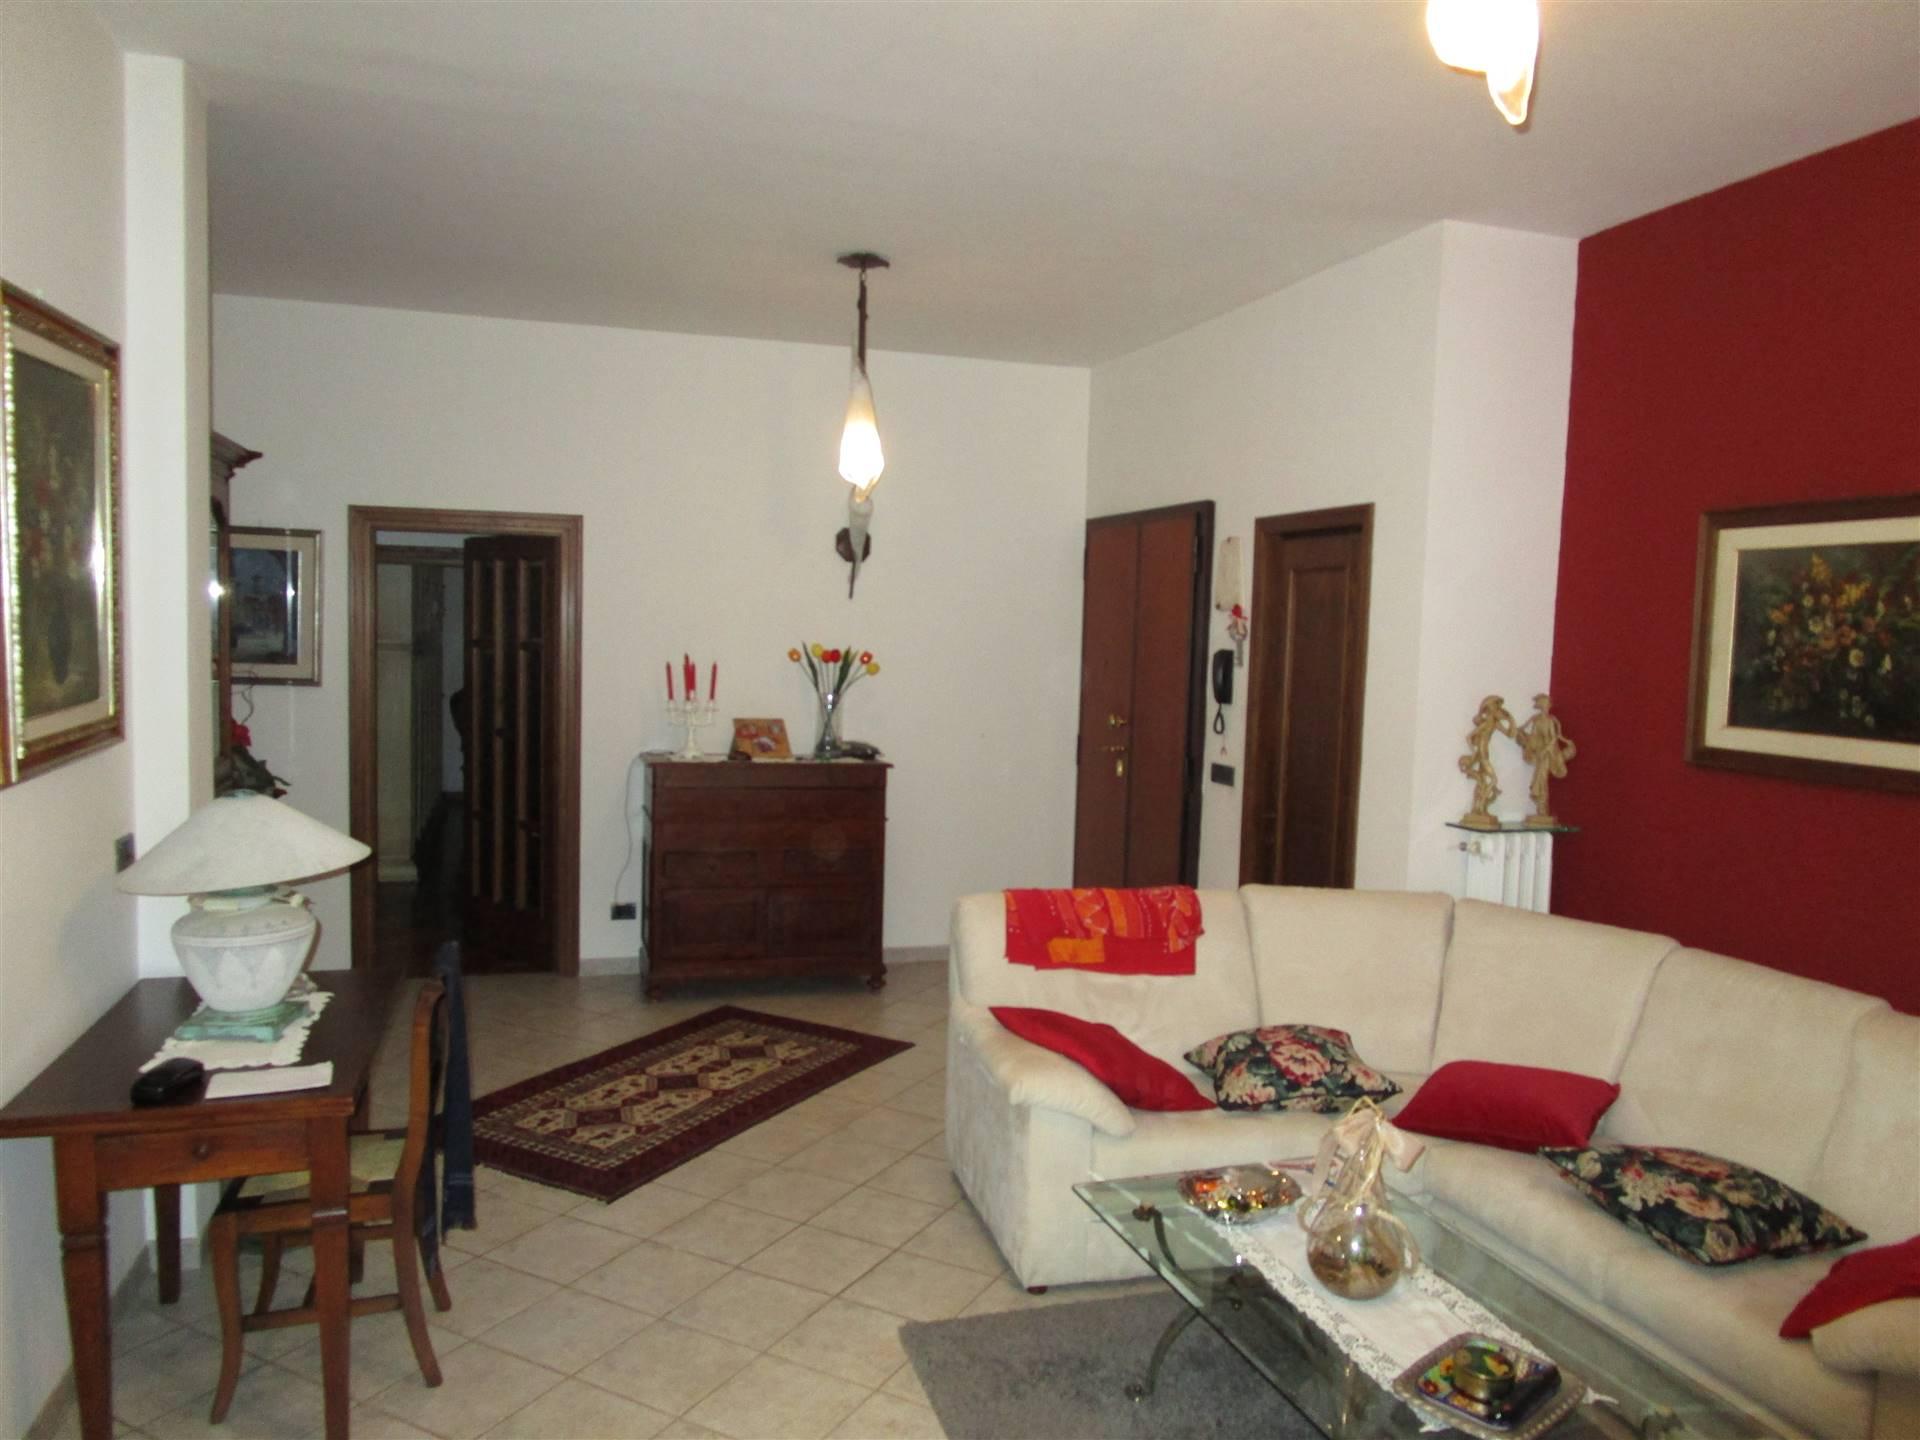 Appartamento in Vendita a Scandicci zona Casellina - immagine 1